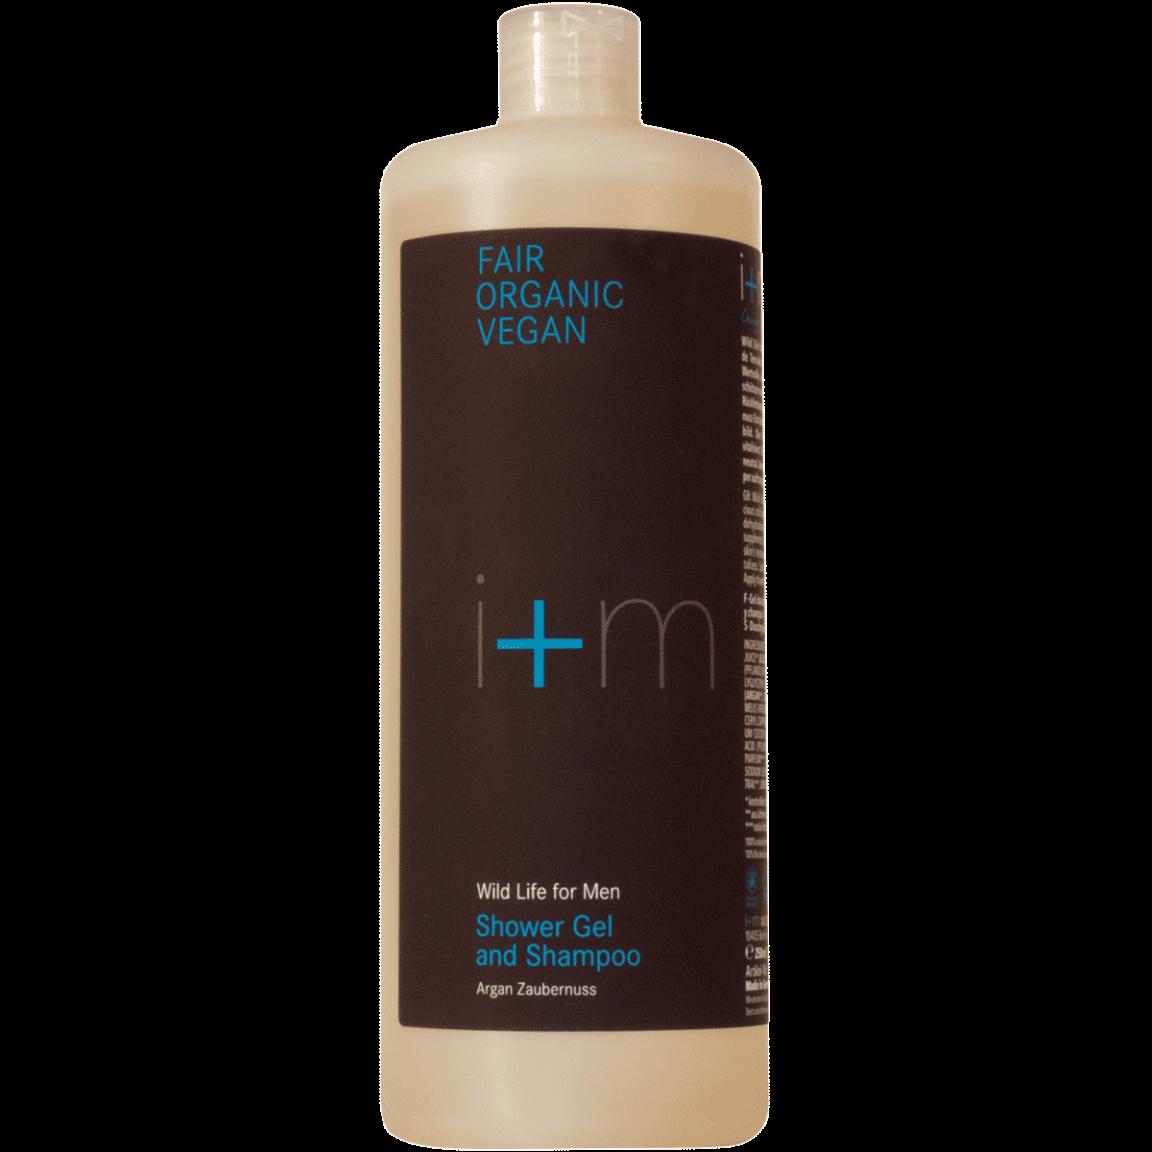 Nachfüllsystem Family Size Shower Gel and Shampoo Refill Körperpflege normale Haut von i+m Naturkosmetik - fair, bio, vegan.